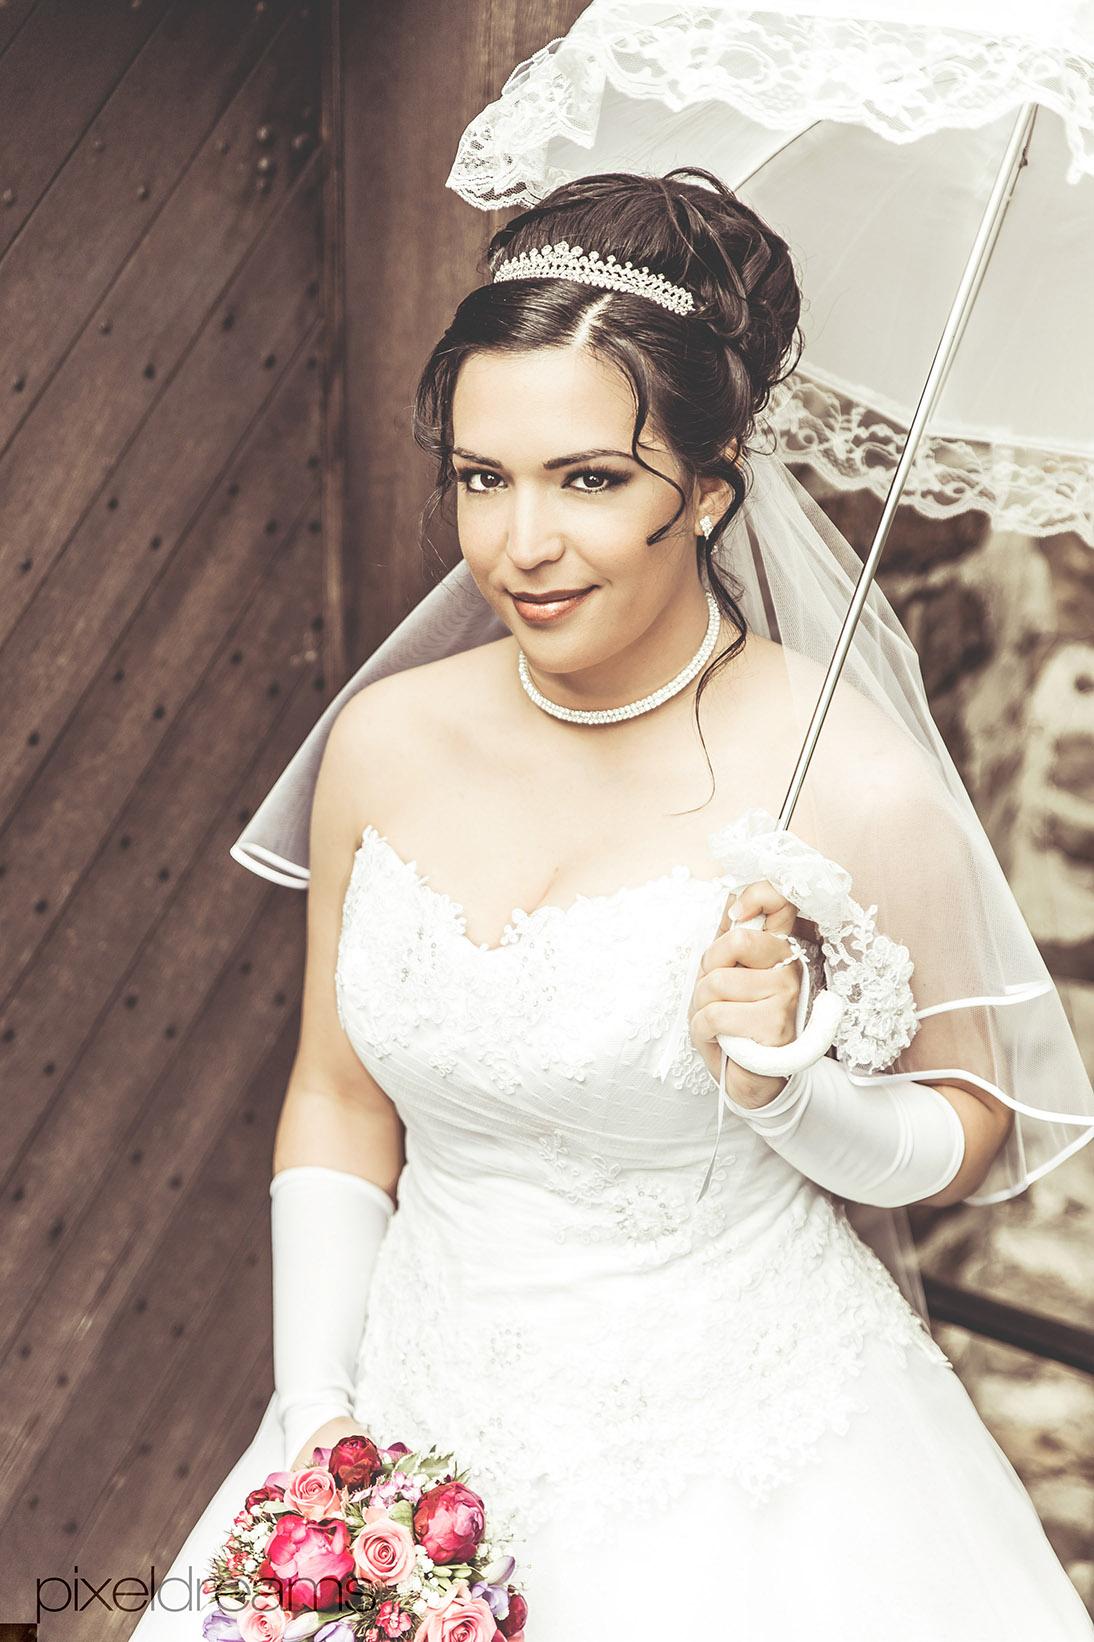 Braut-Brautschirm-Schirm-Vintage-Retro-Hochzeitsshooting-Brautkleid-Hochzeitsreportage-Koeln-NRW-Deutschland